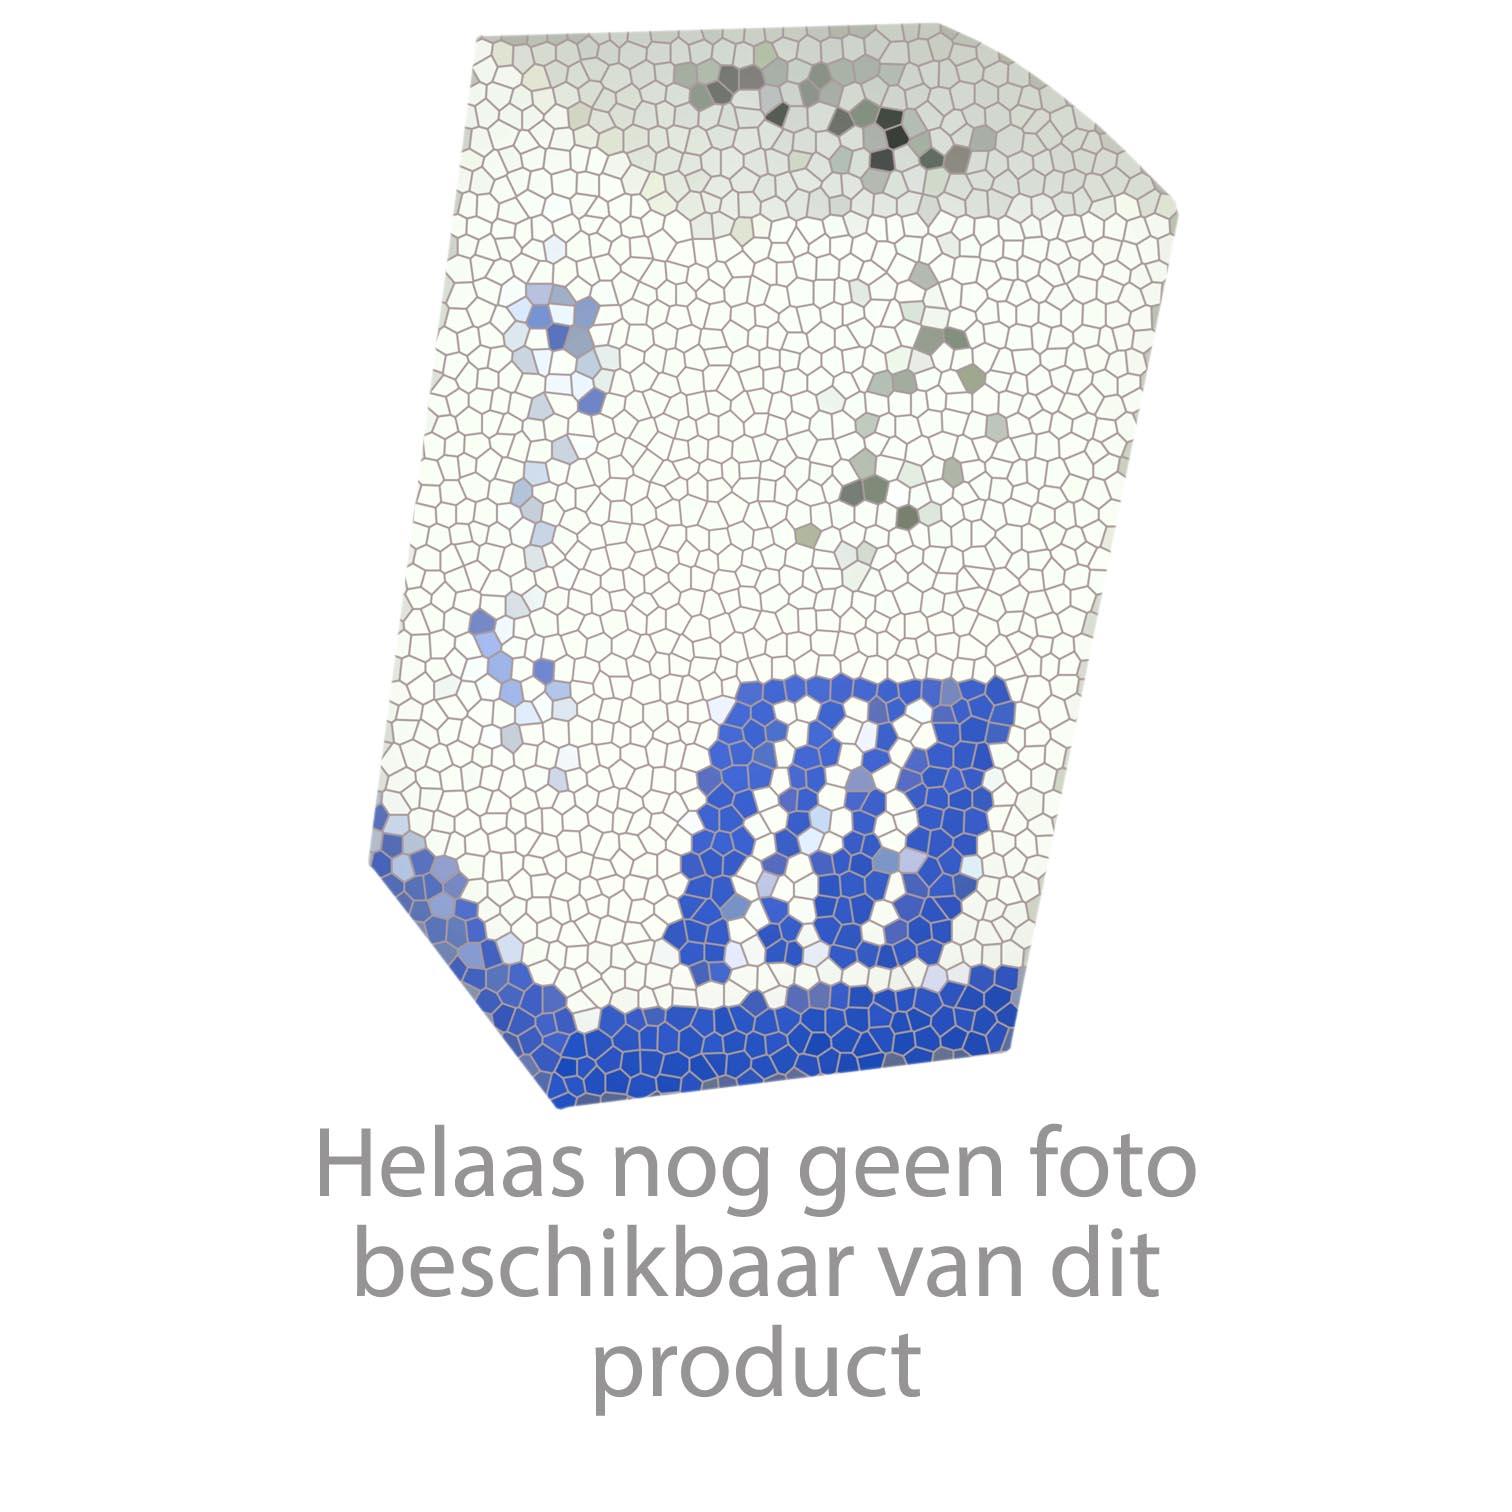 HansGrohe Afvoer- en overloopgarnituren Buissifons productiejaar > 01/77 53003 onderdelen